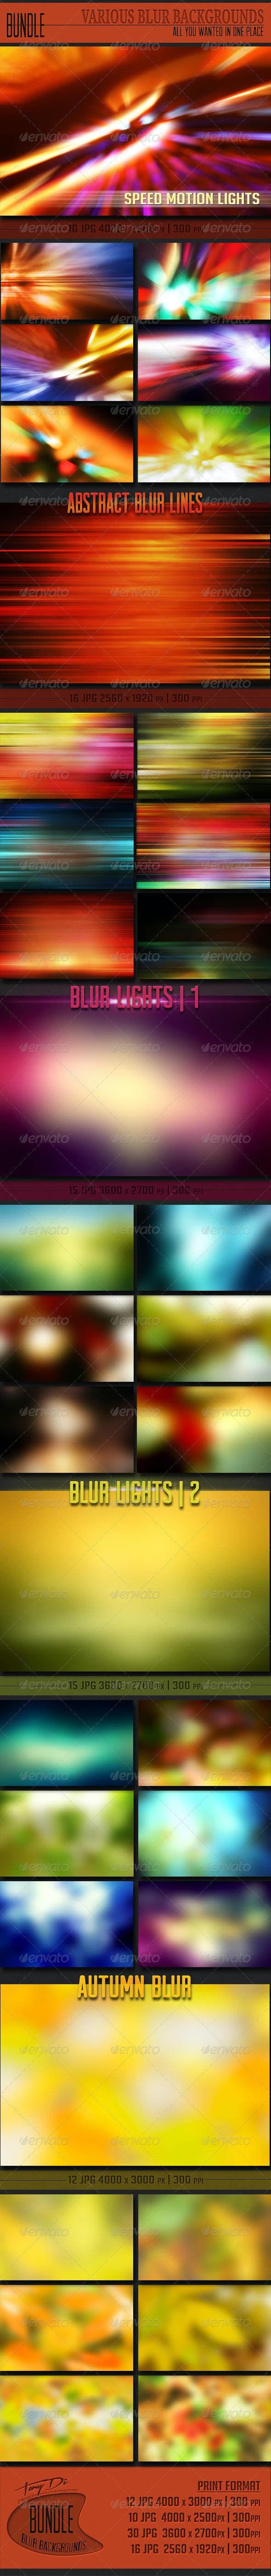 Various Blur Backgrounds Bundle - Miscellaneous Backgrounds